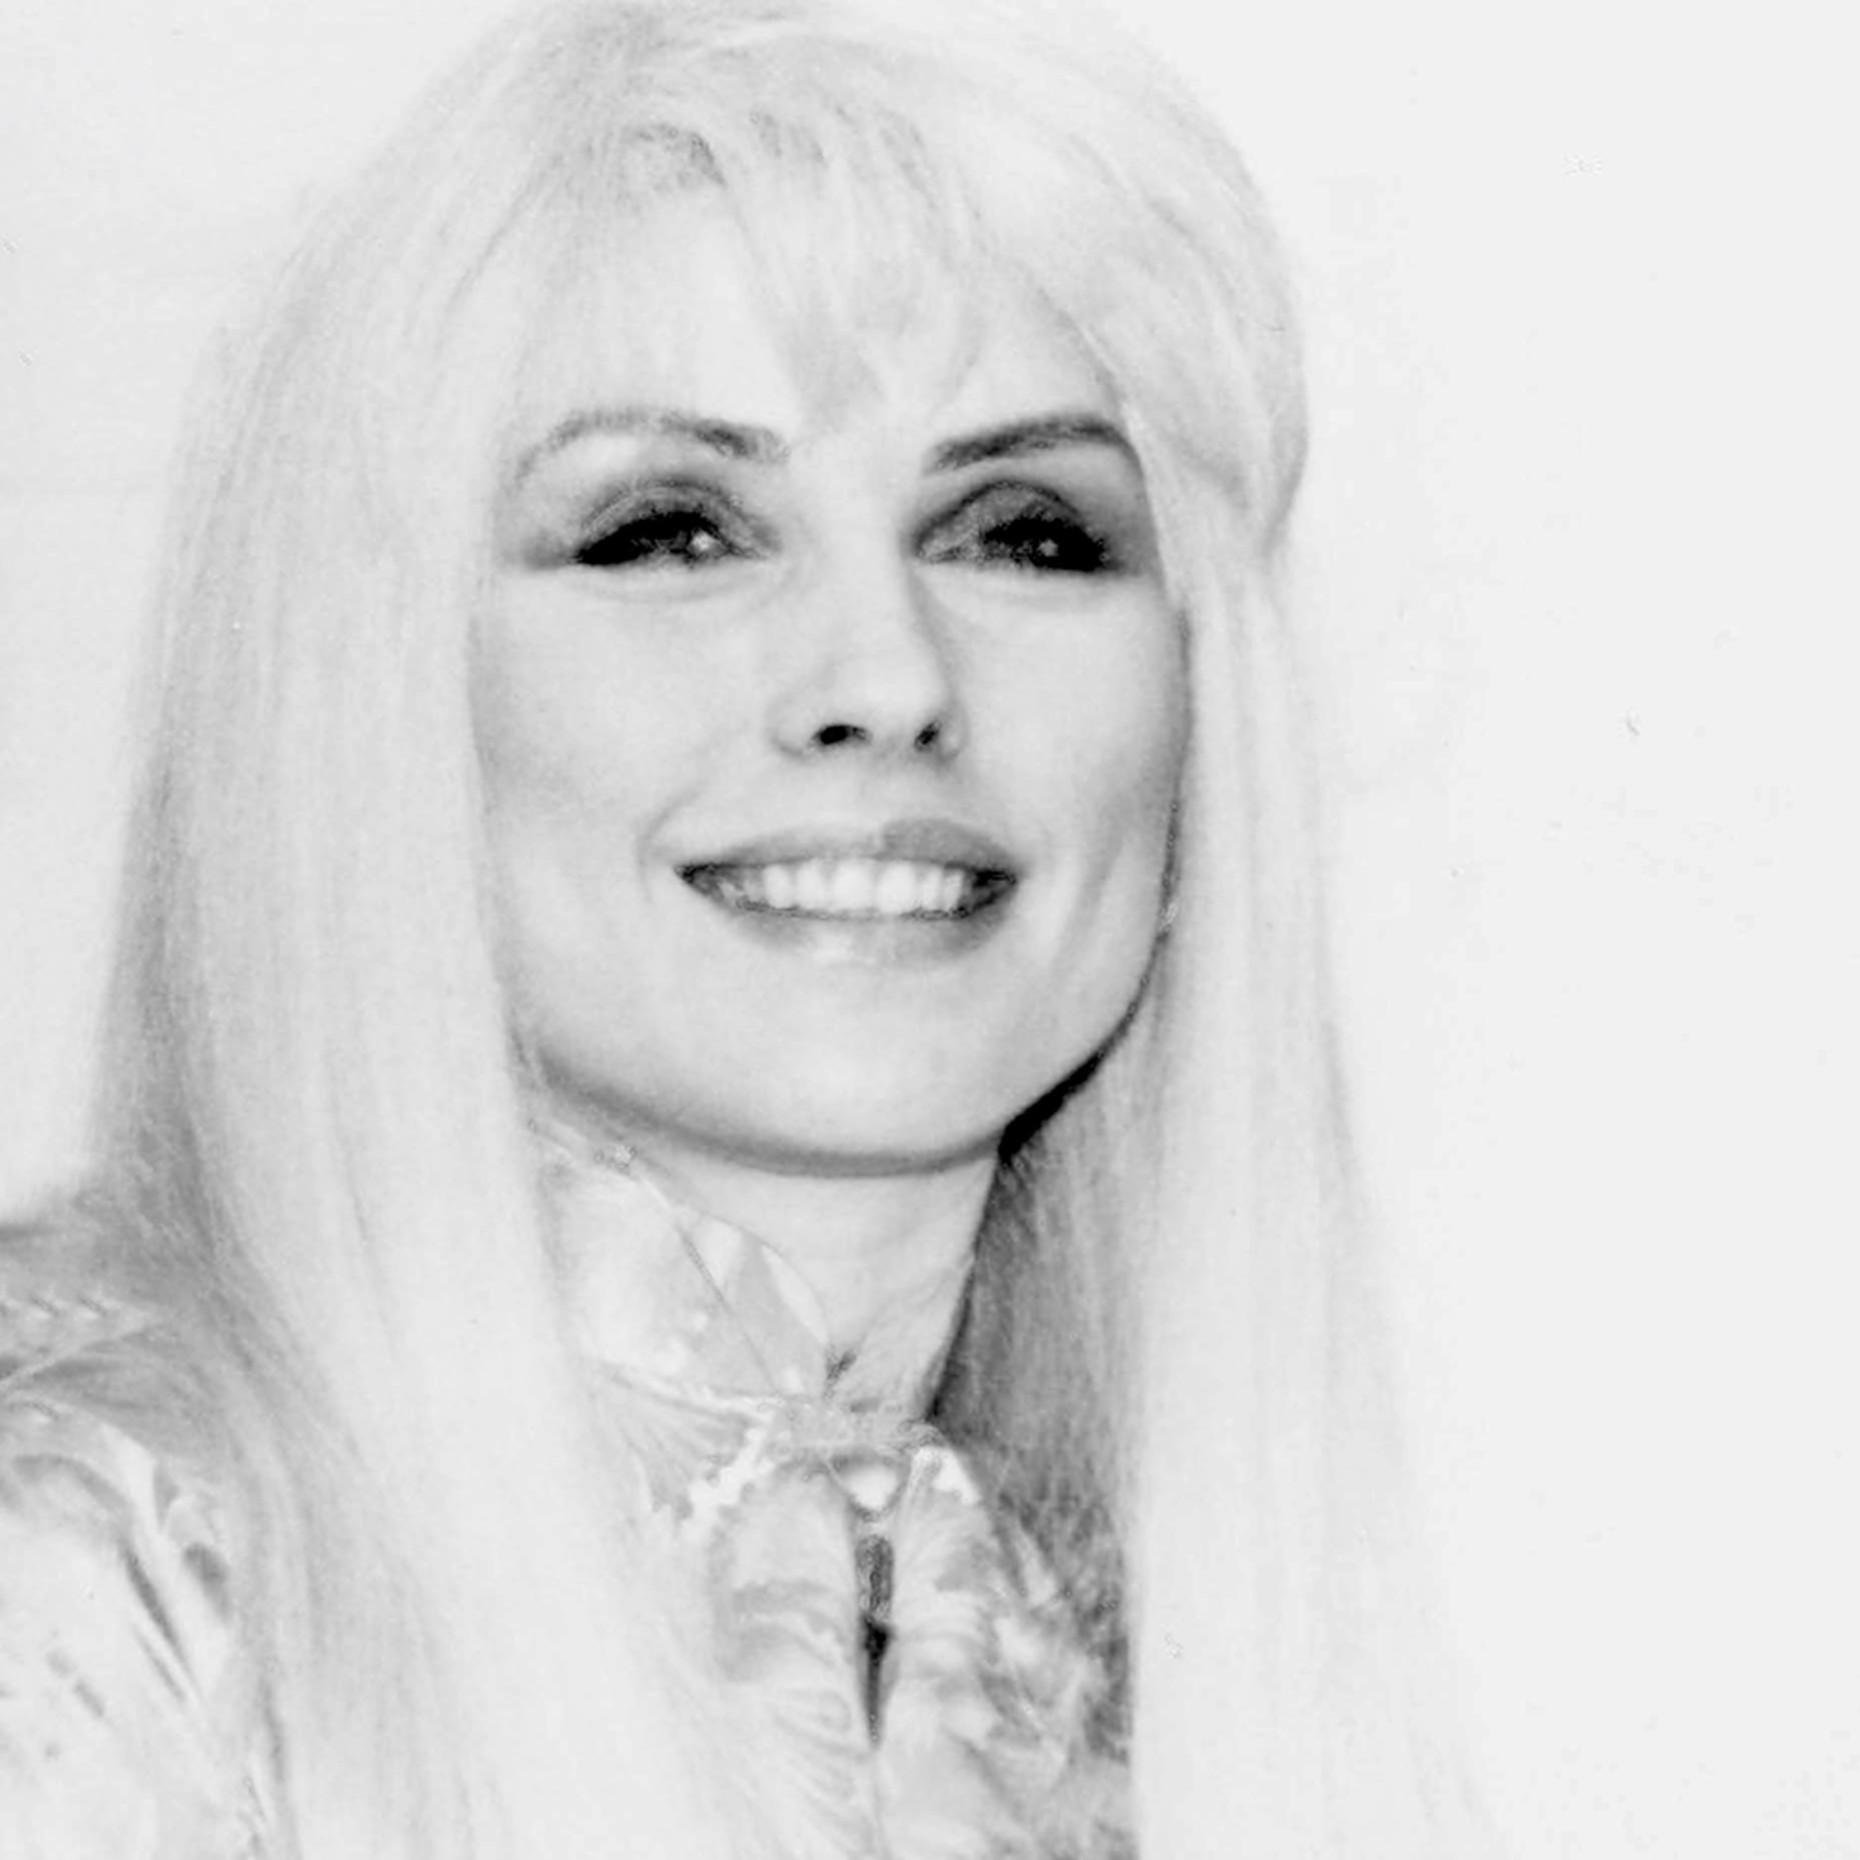 Debbie harry chris stein zn1myj